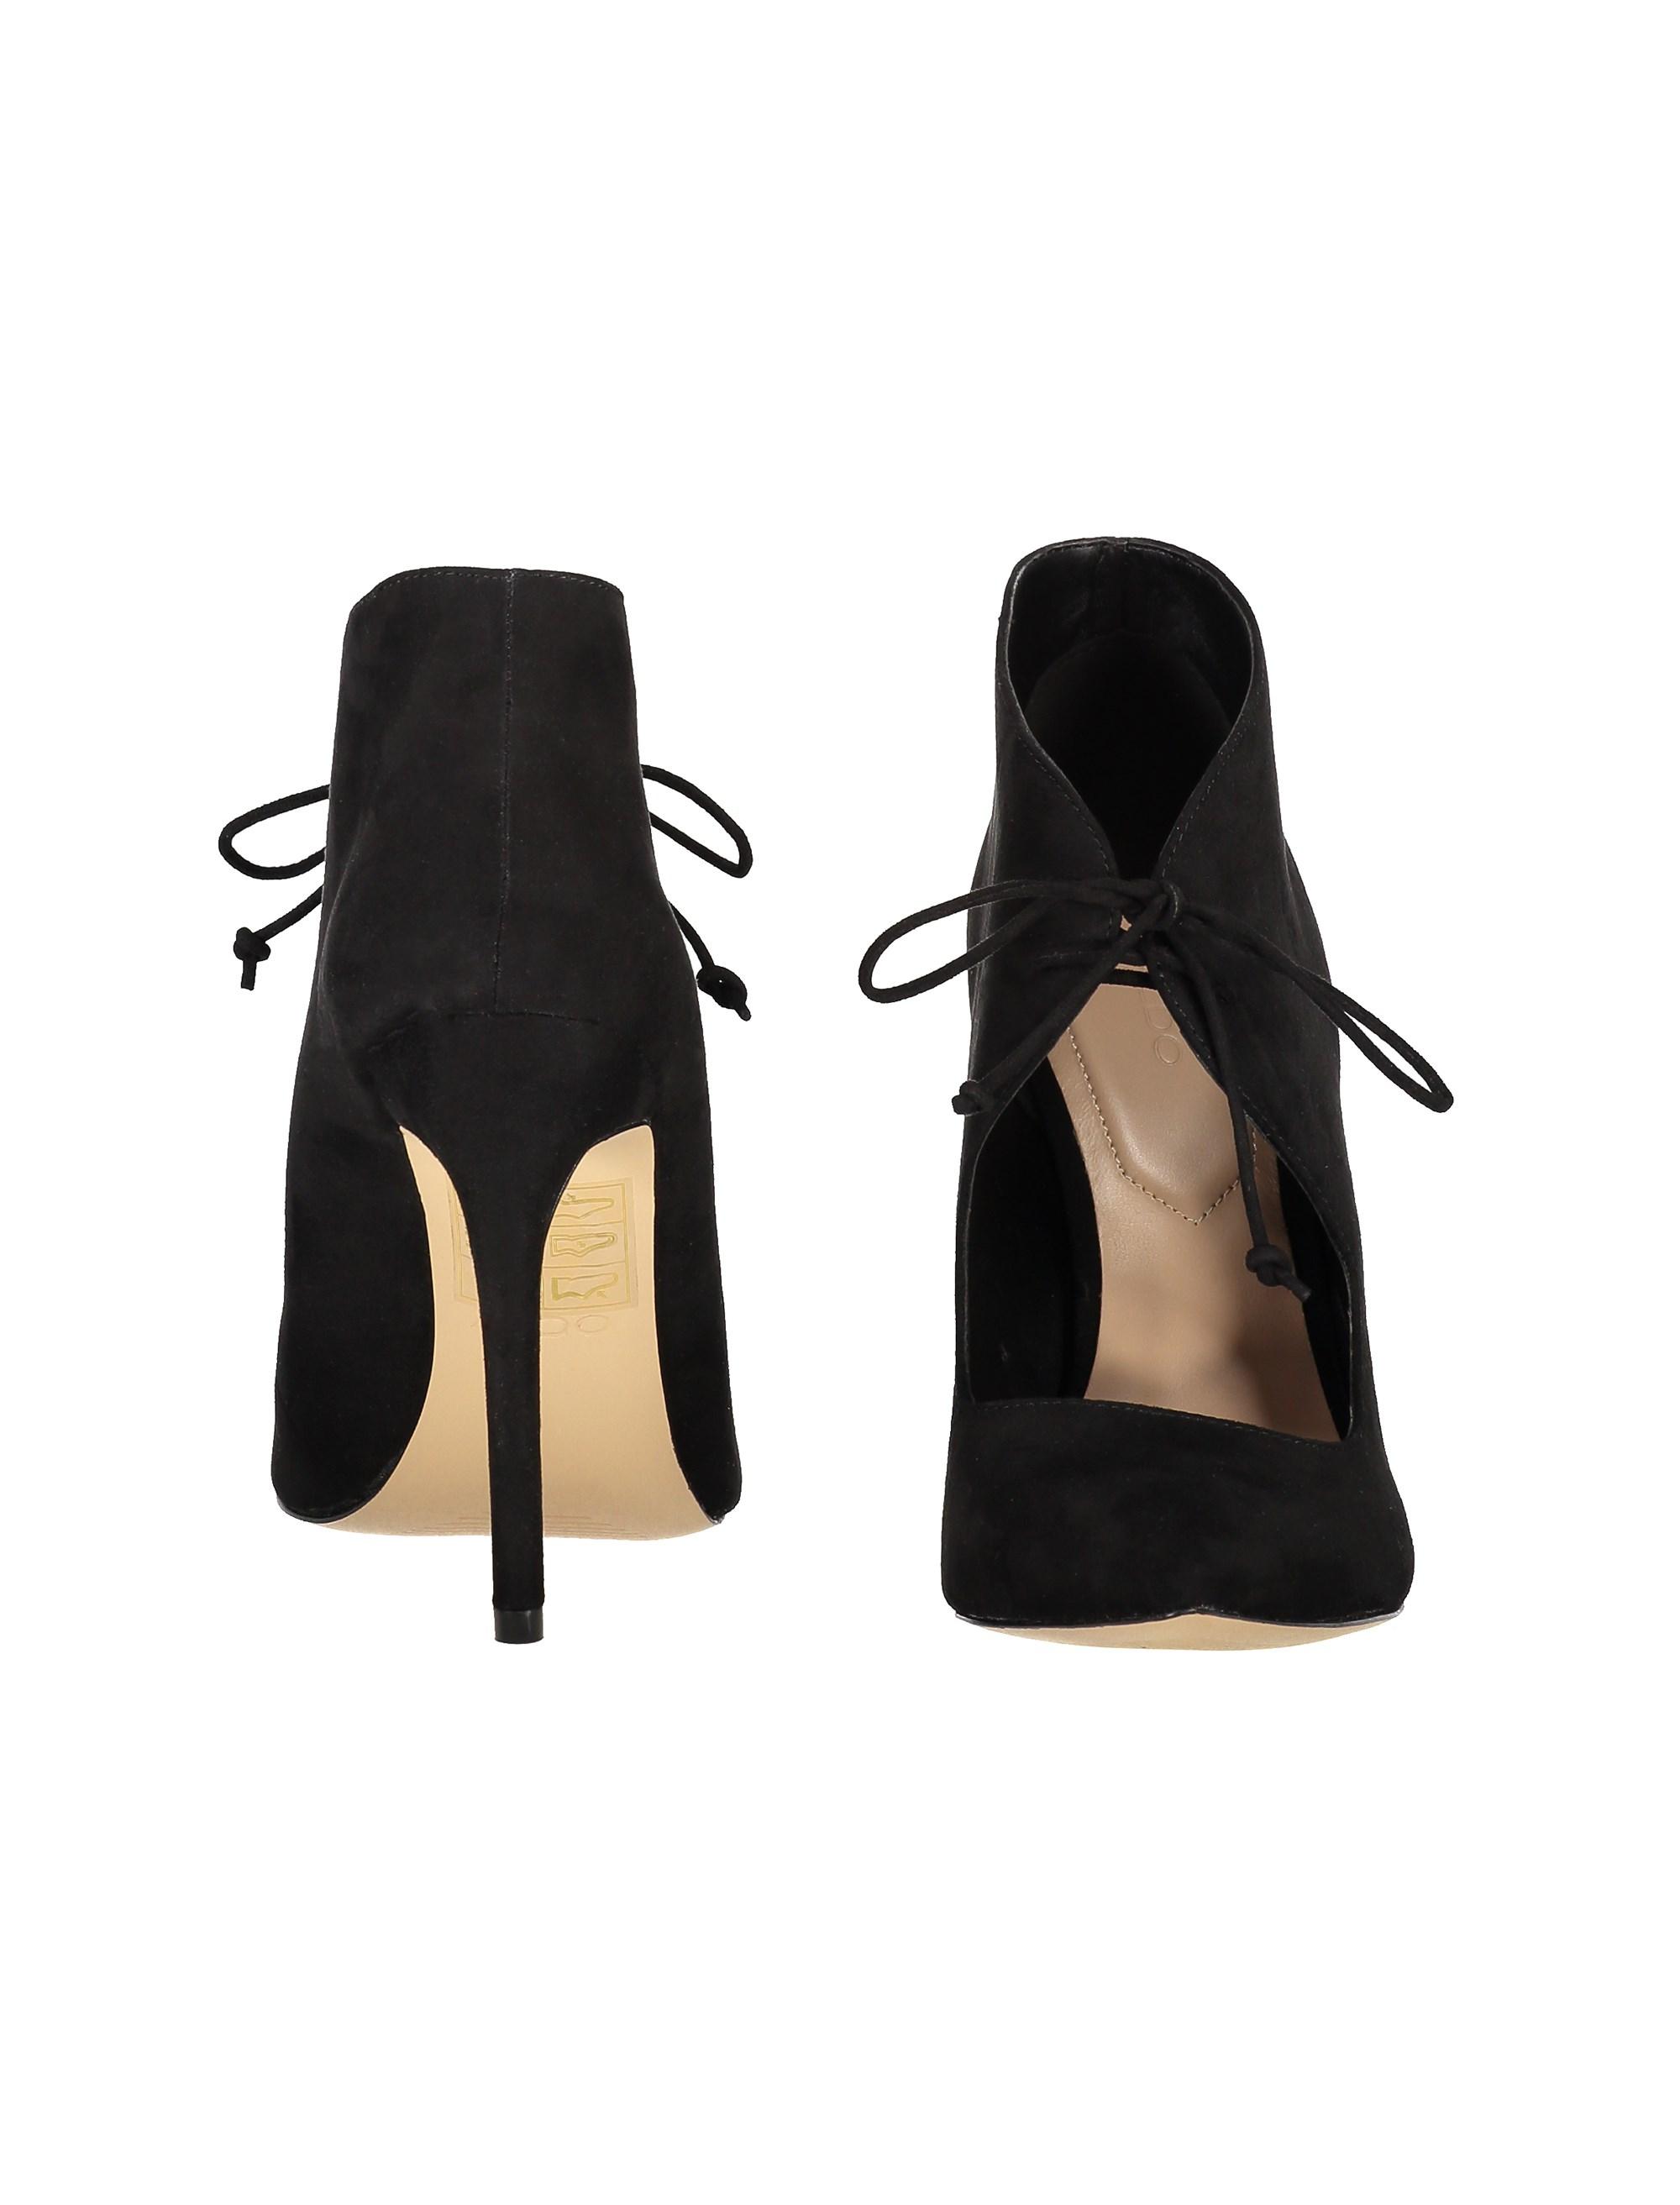 کفش پاشنه بلند زنانه - مشکي - 5